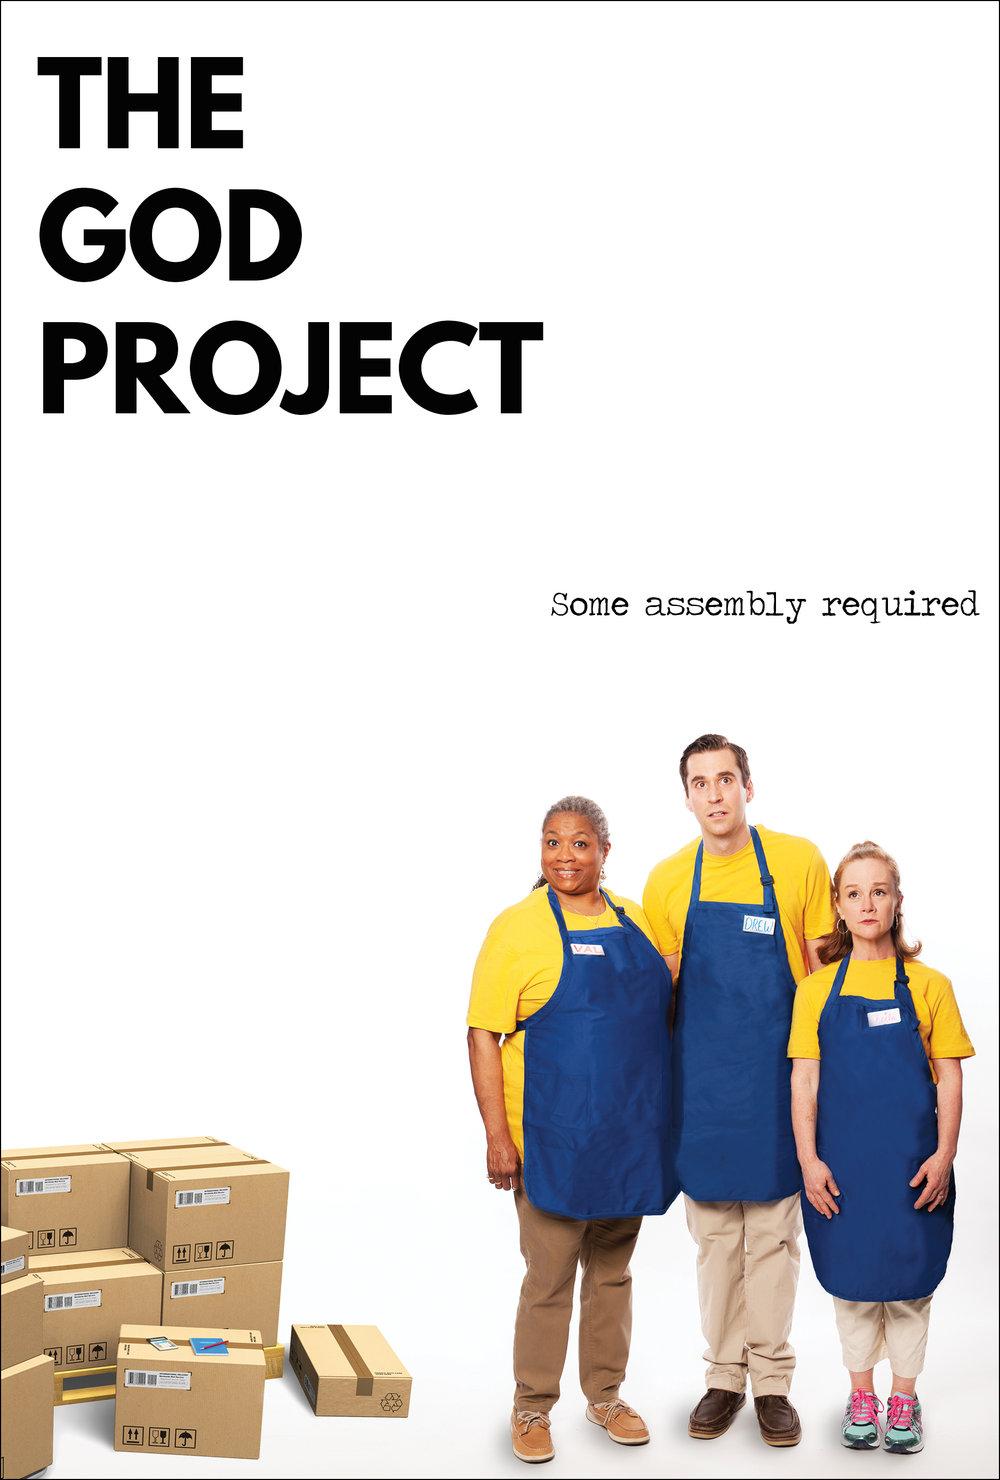 God Project RGB 6-25x9-25 5-17-18.jpg